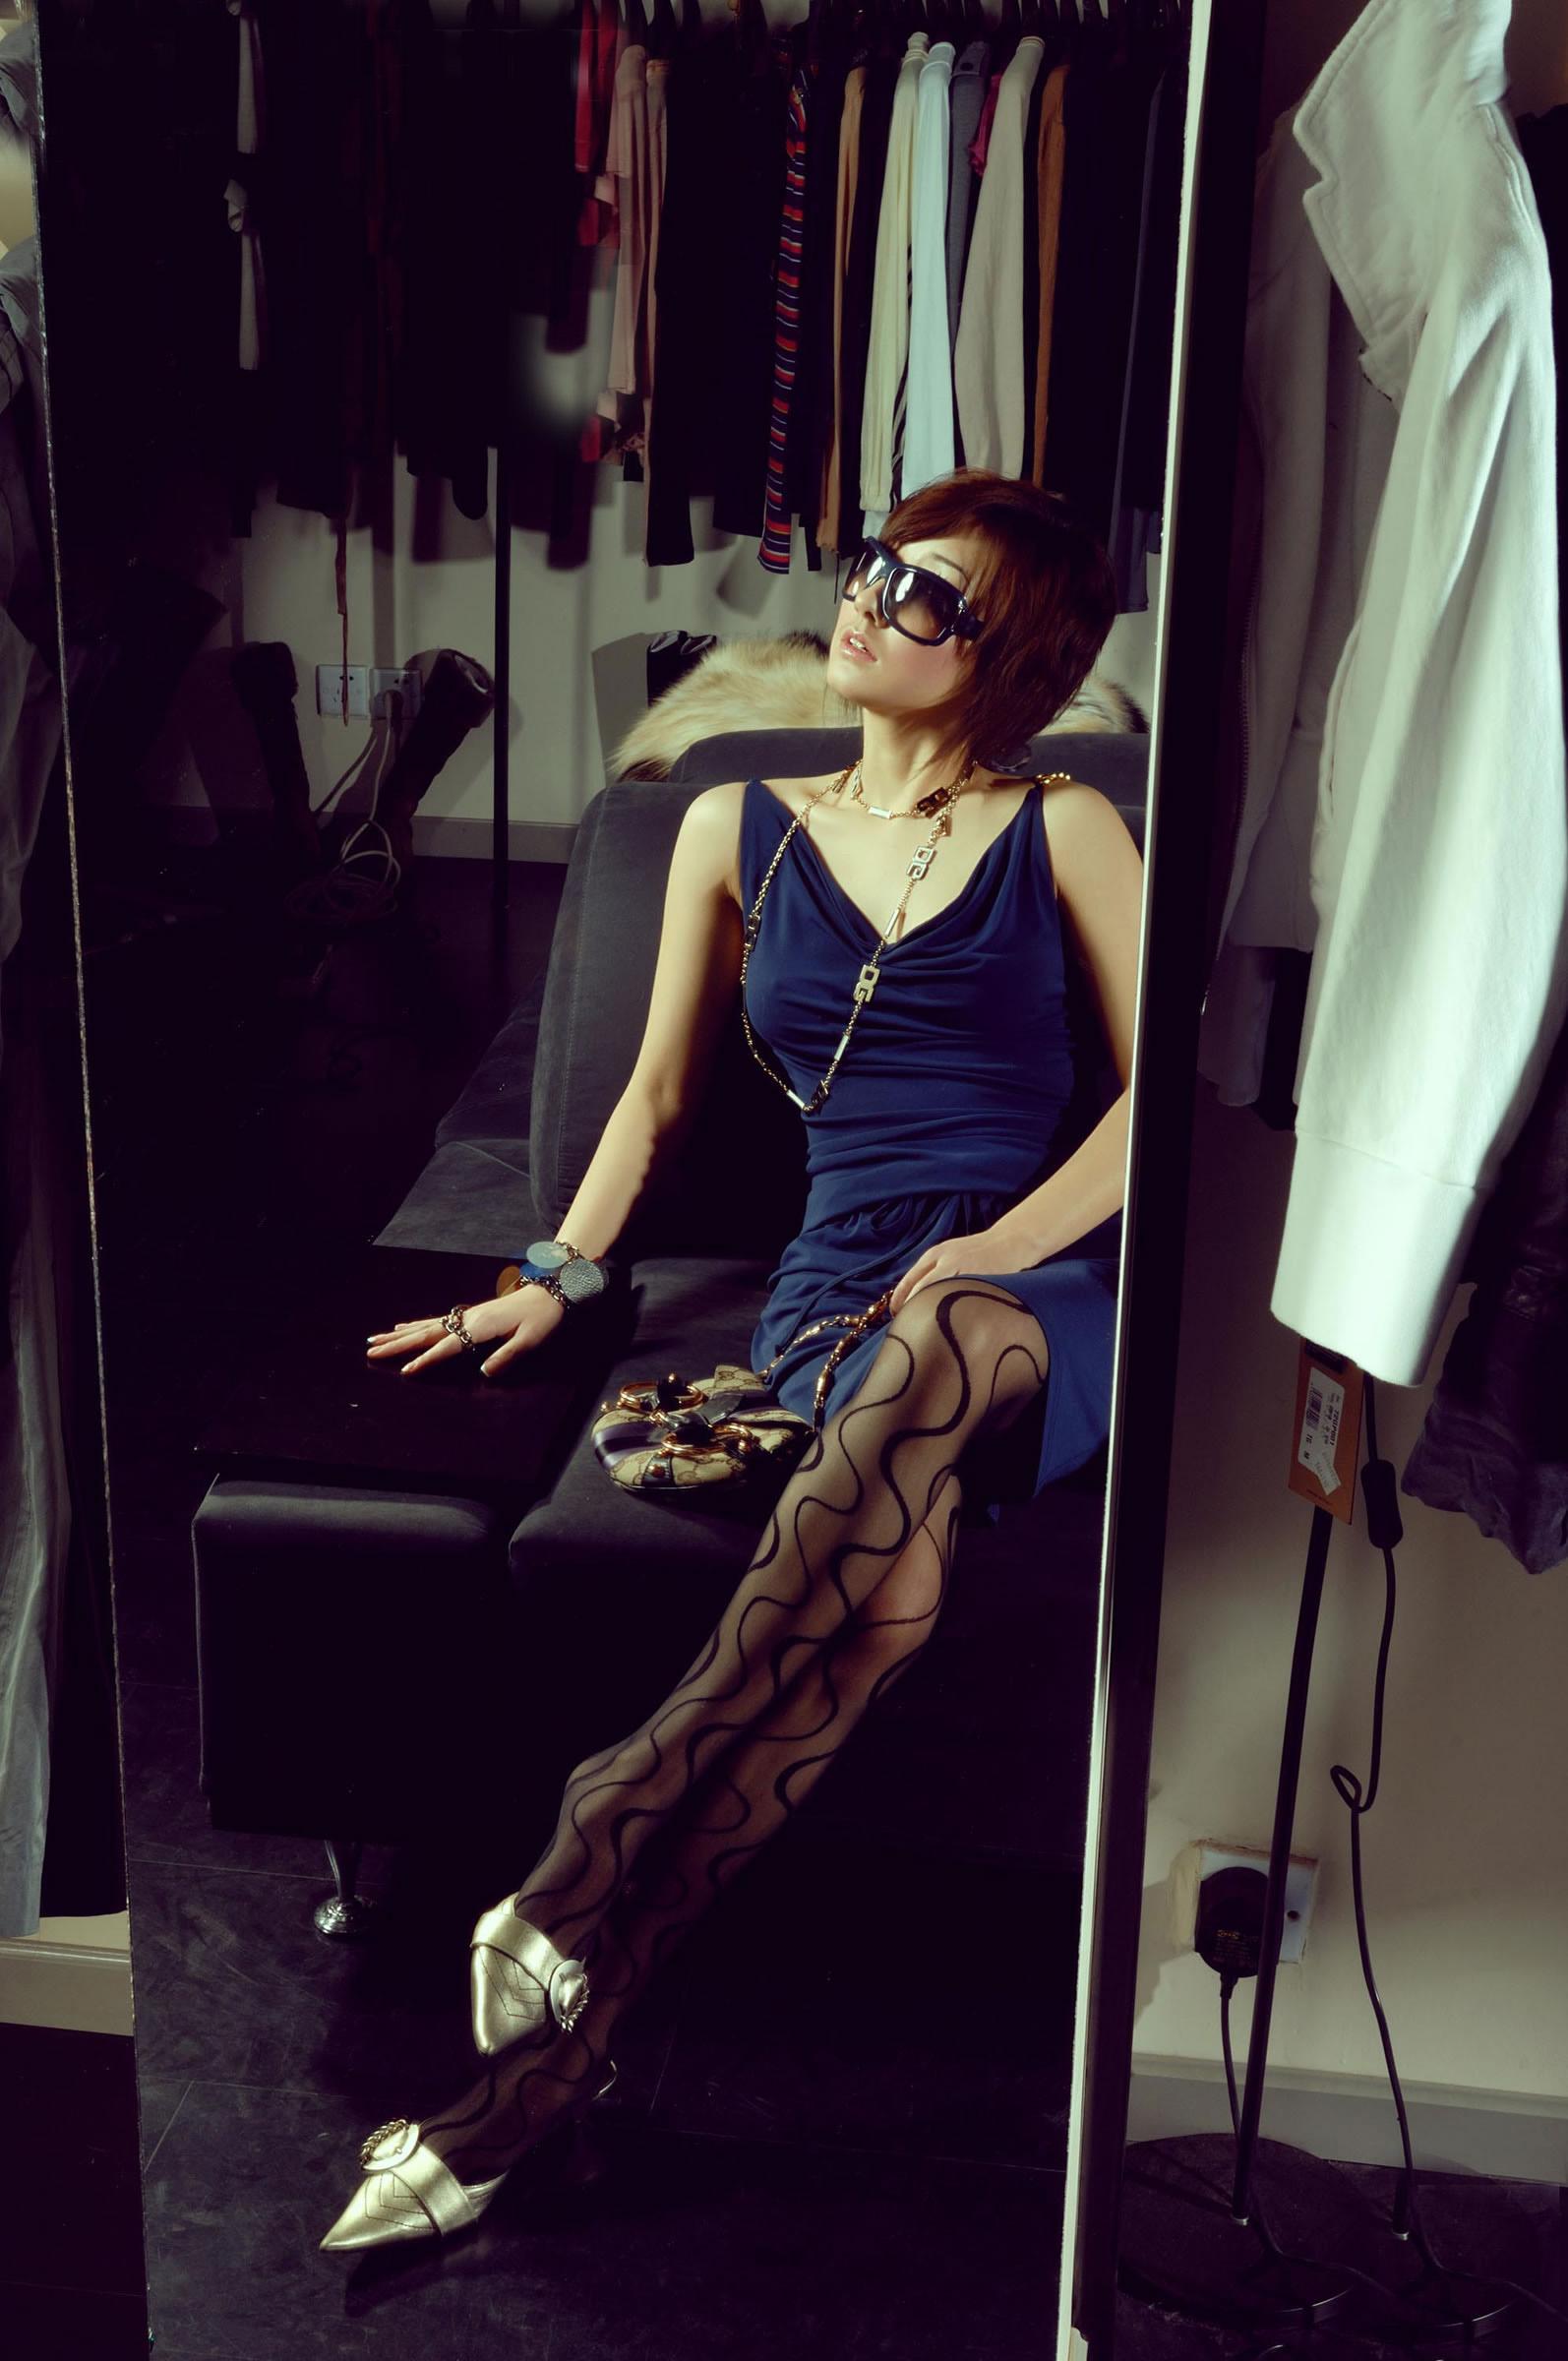 丽柜文化系列 玉足丝袜美腿. 之Kelly Lisa